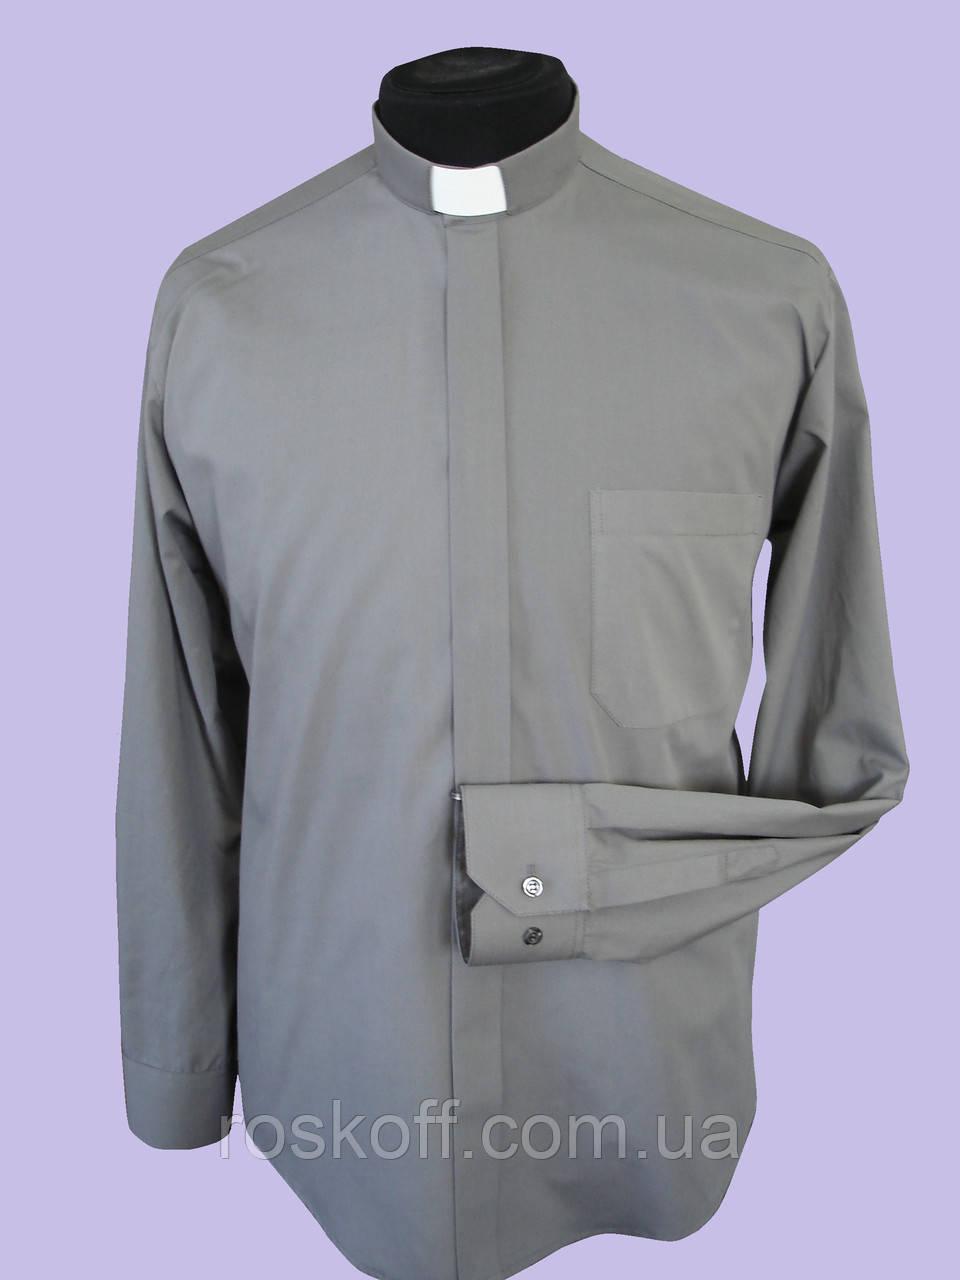 Рубашка темно-серого цвета с длинным рукавом